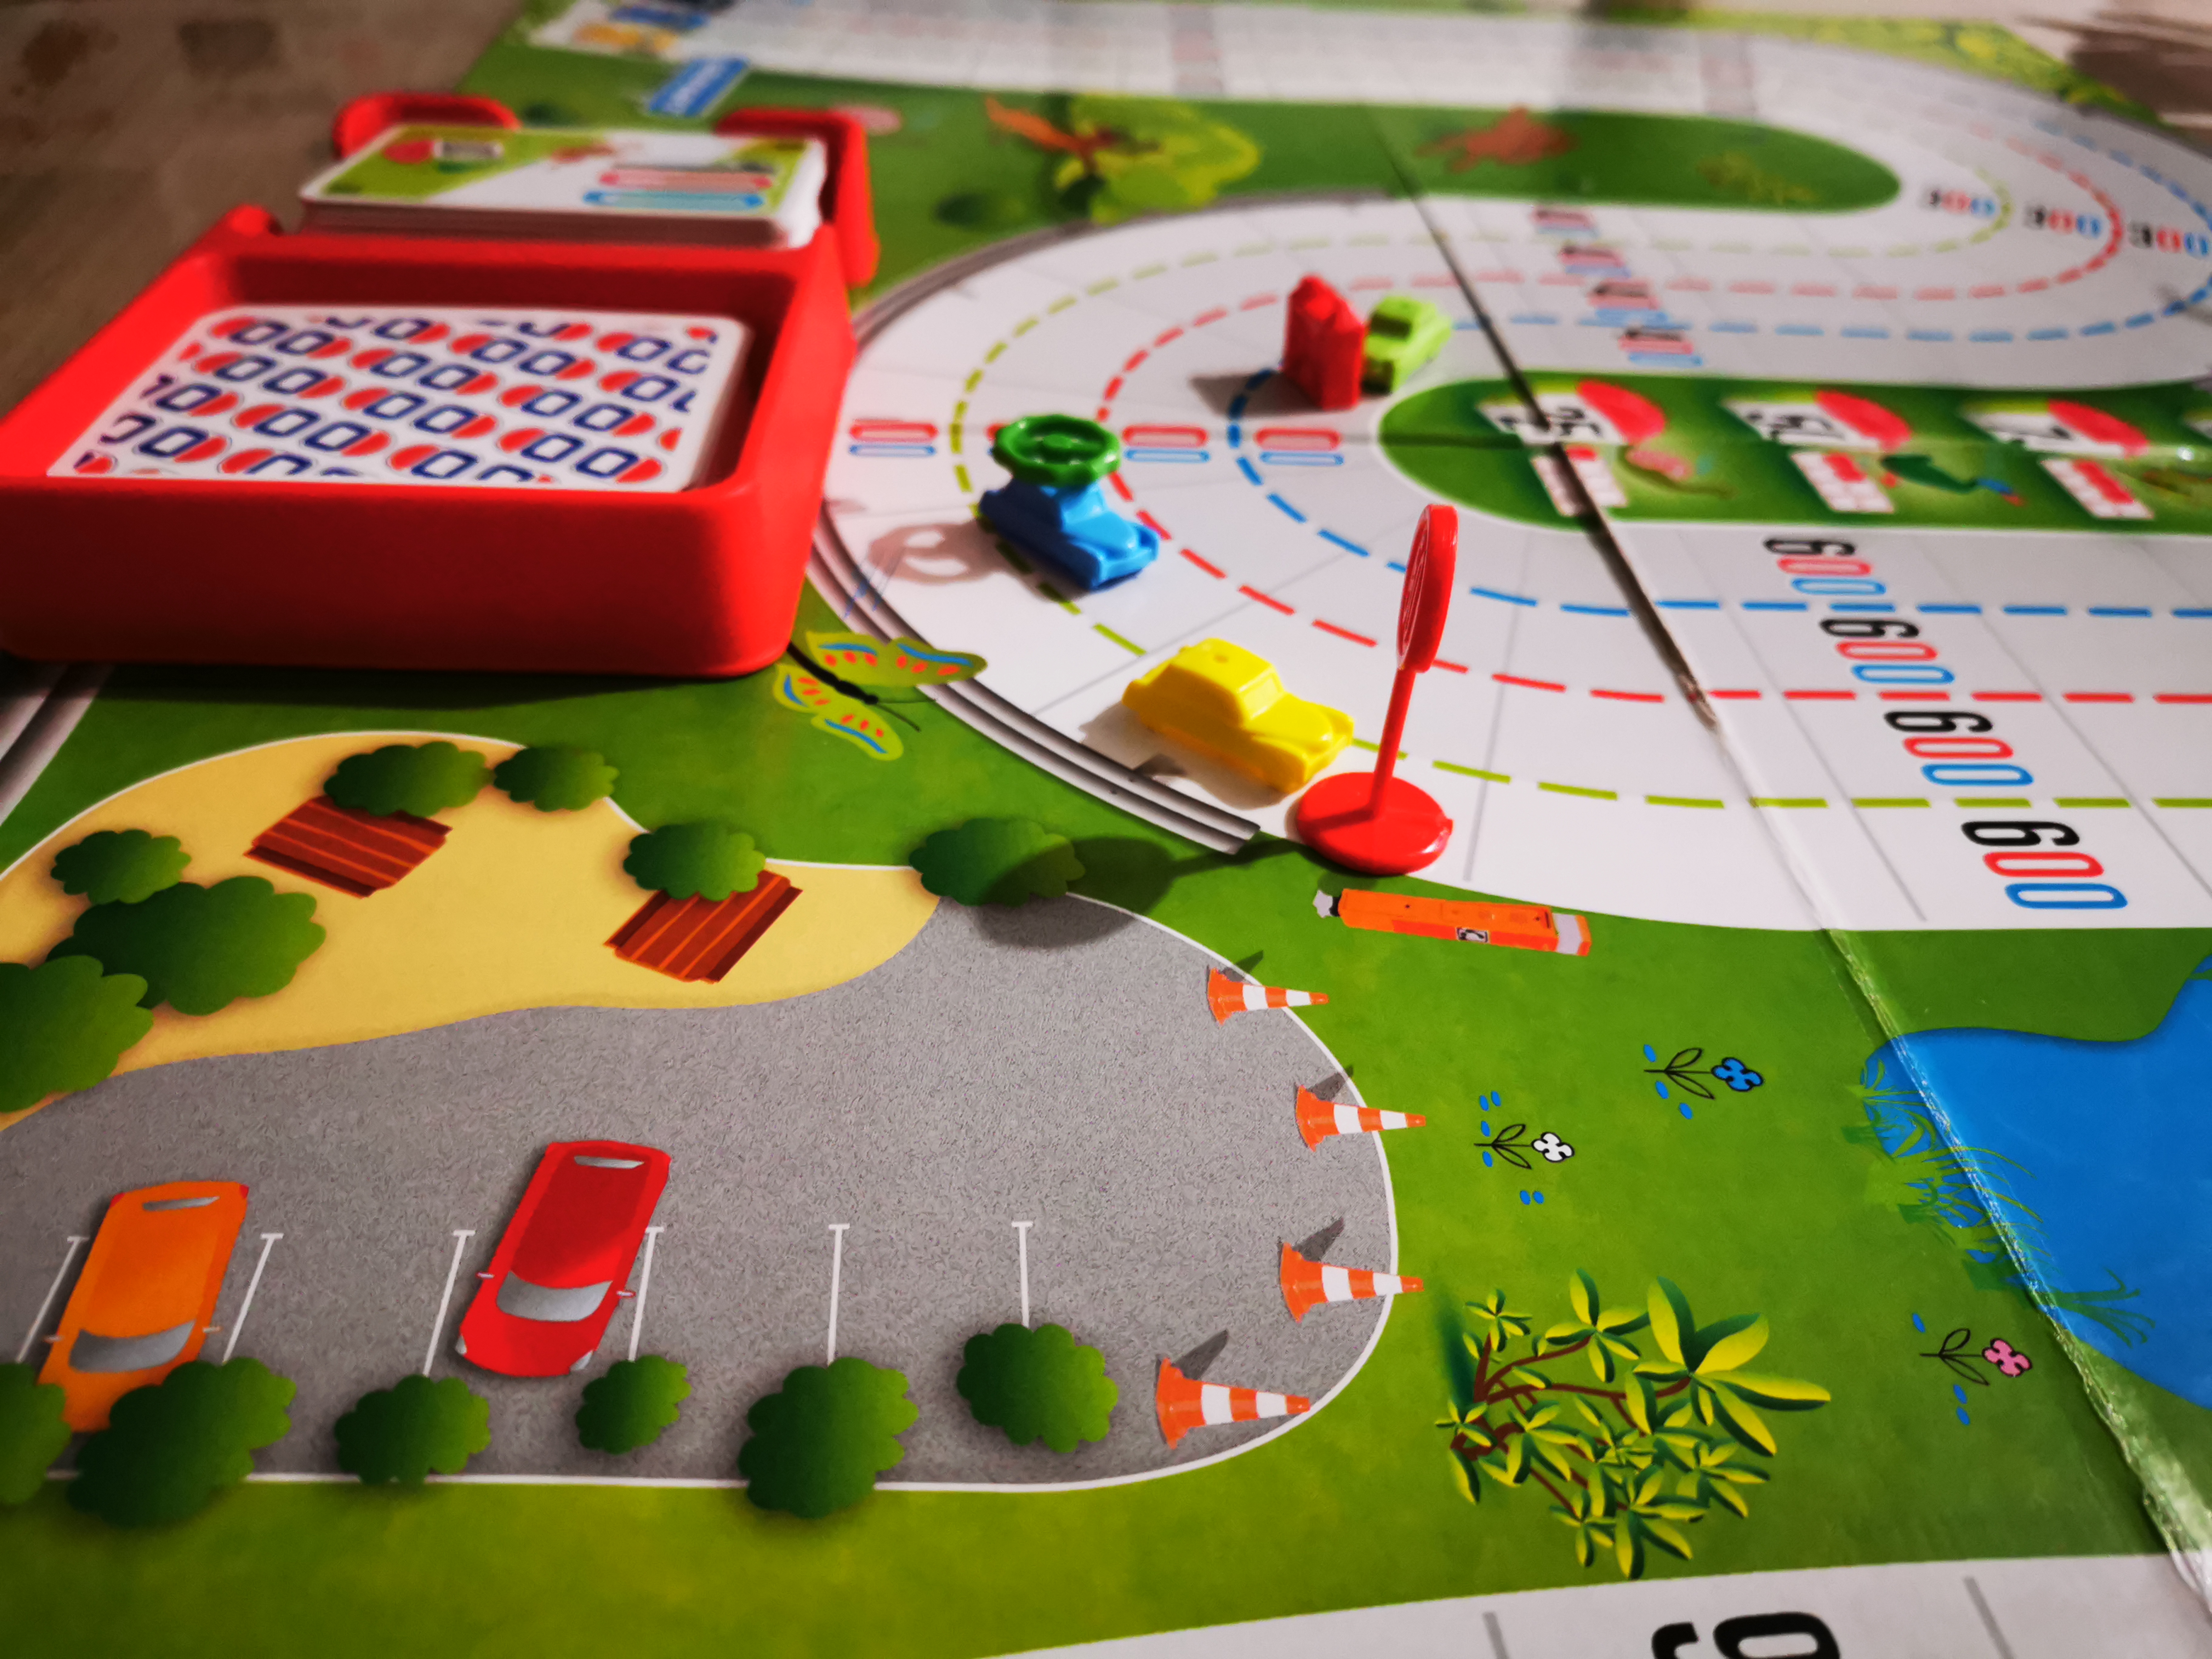 jeu de société enfants 1000 bornes